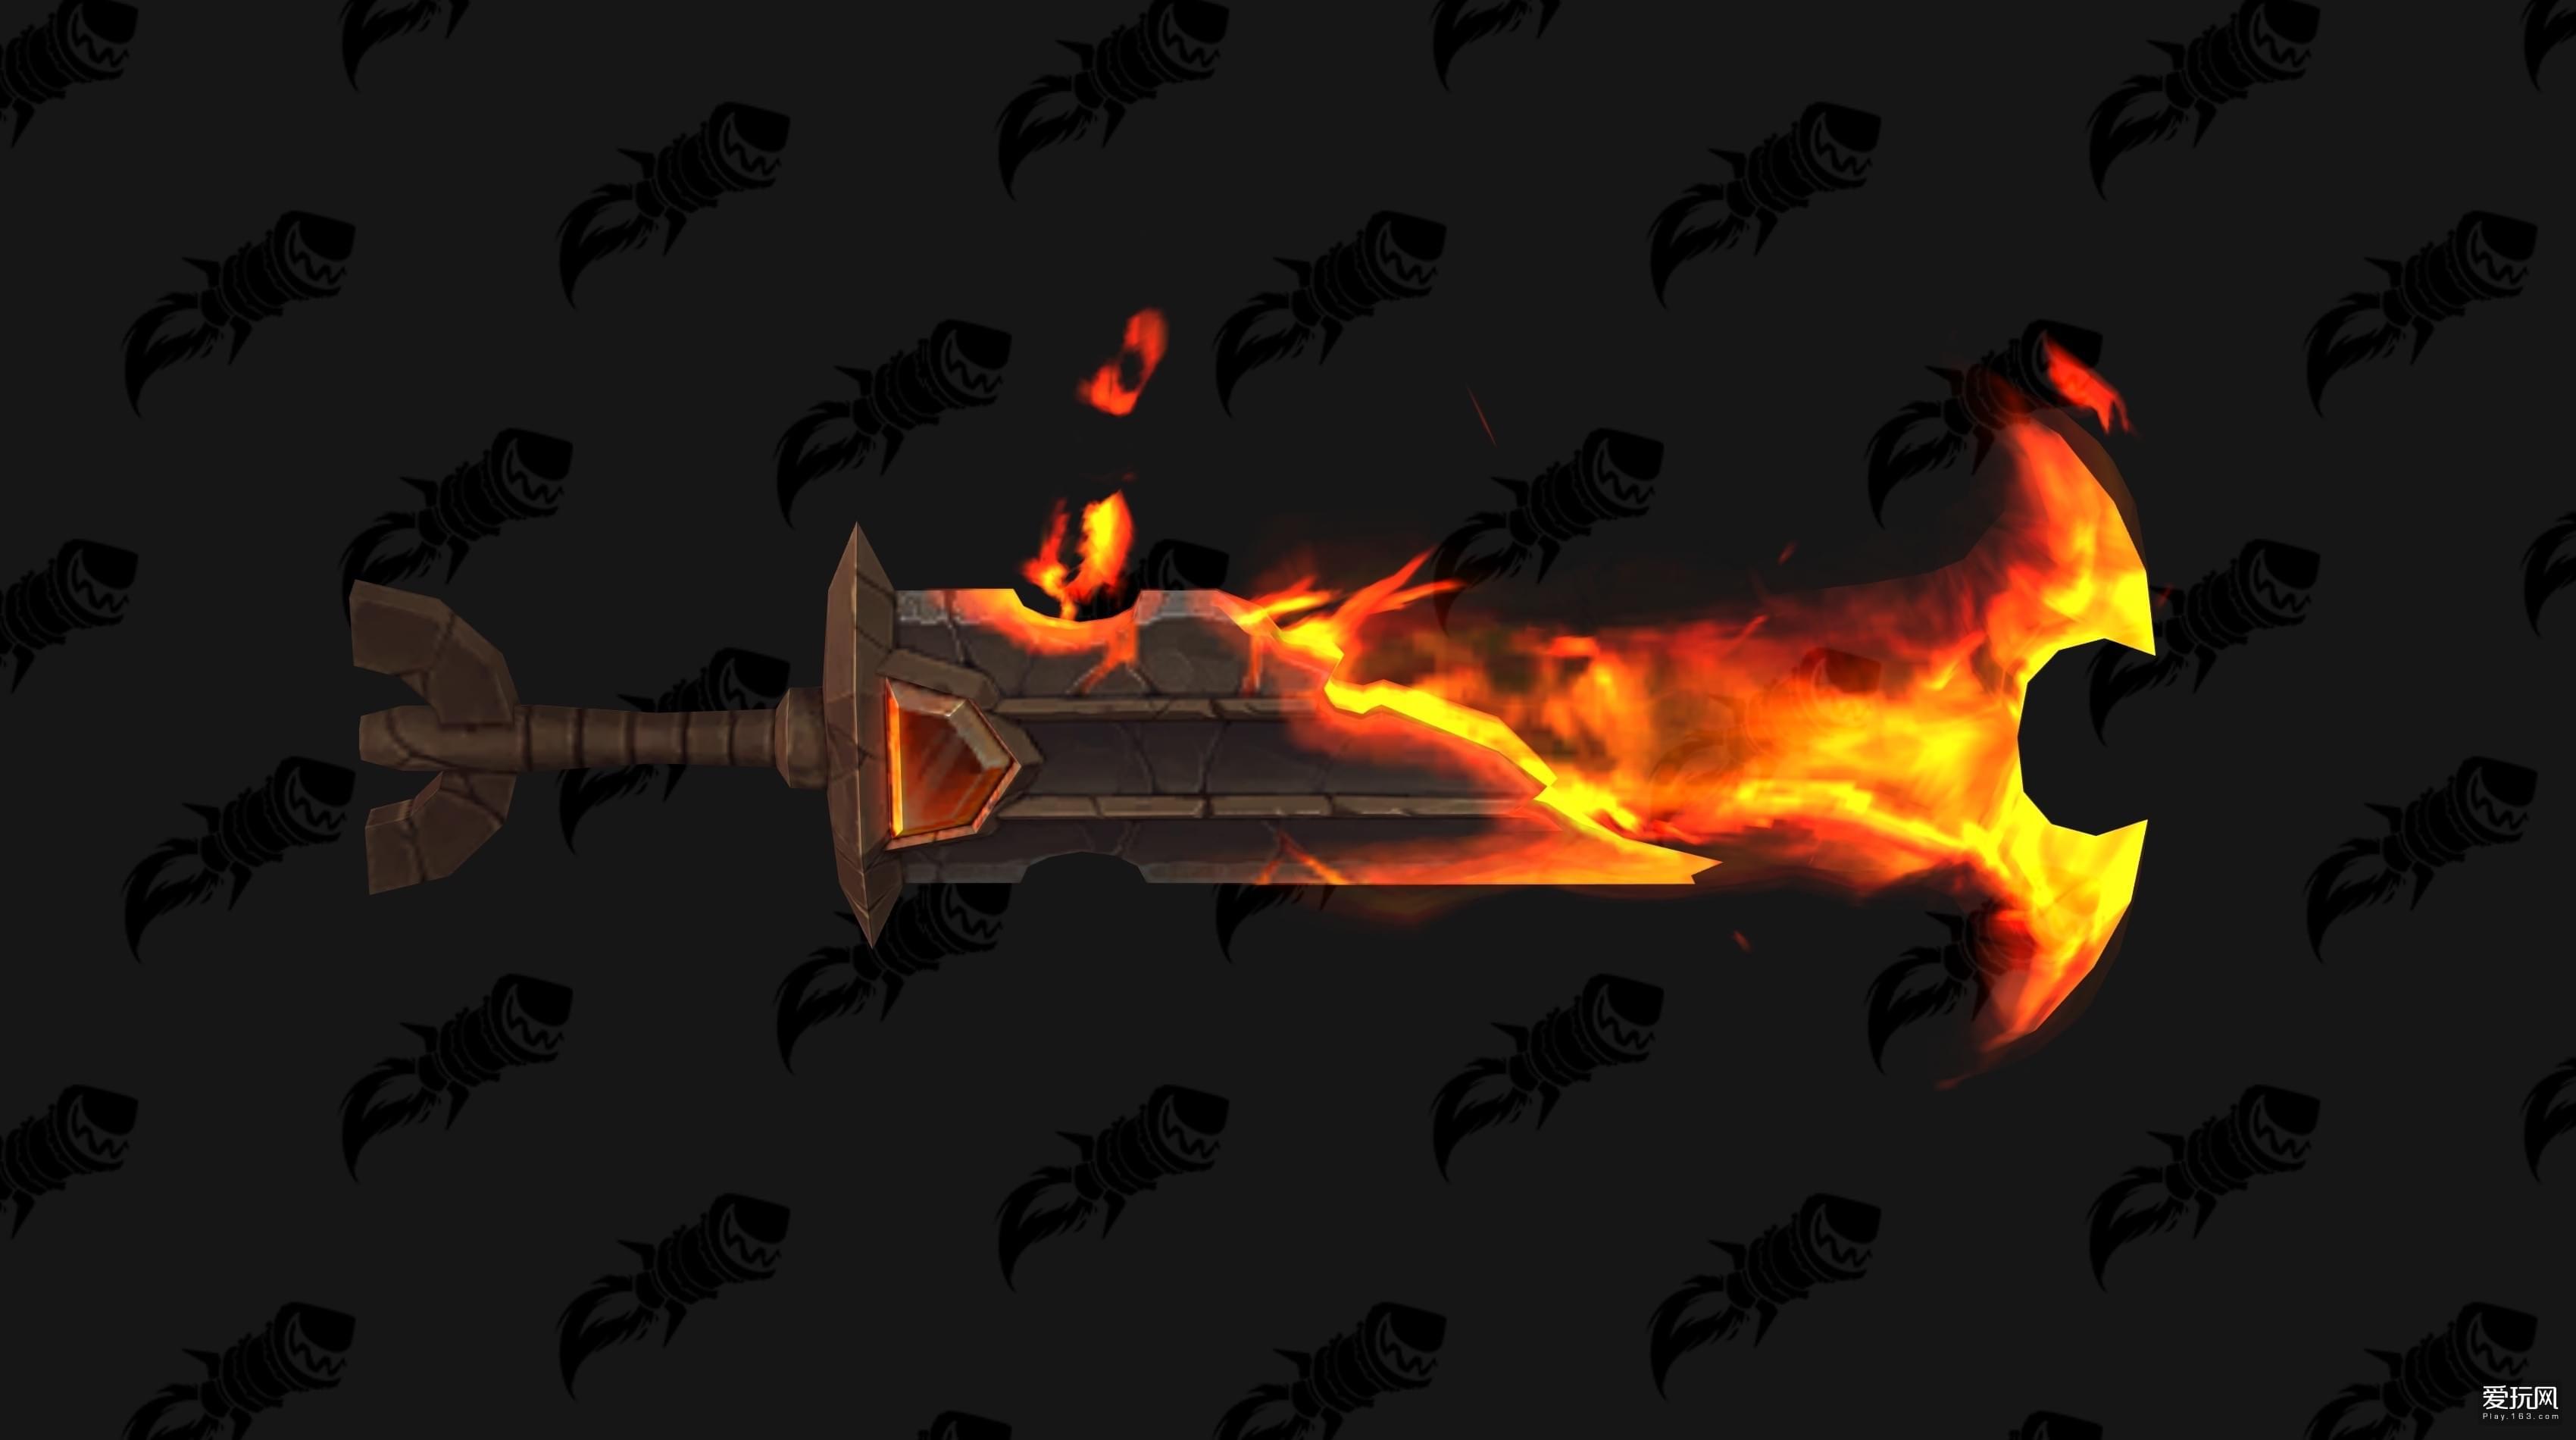 奥瑞莉亚与图拉扬武器加入 魔兽7.3新武器预览